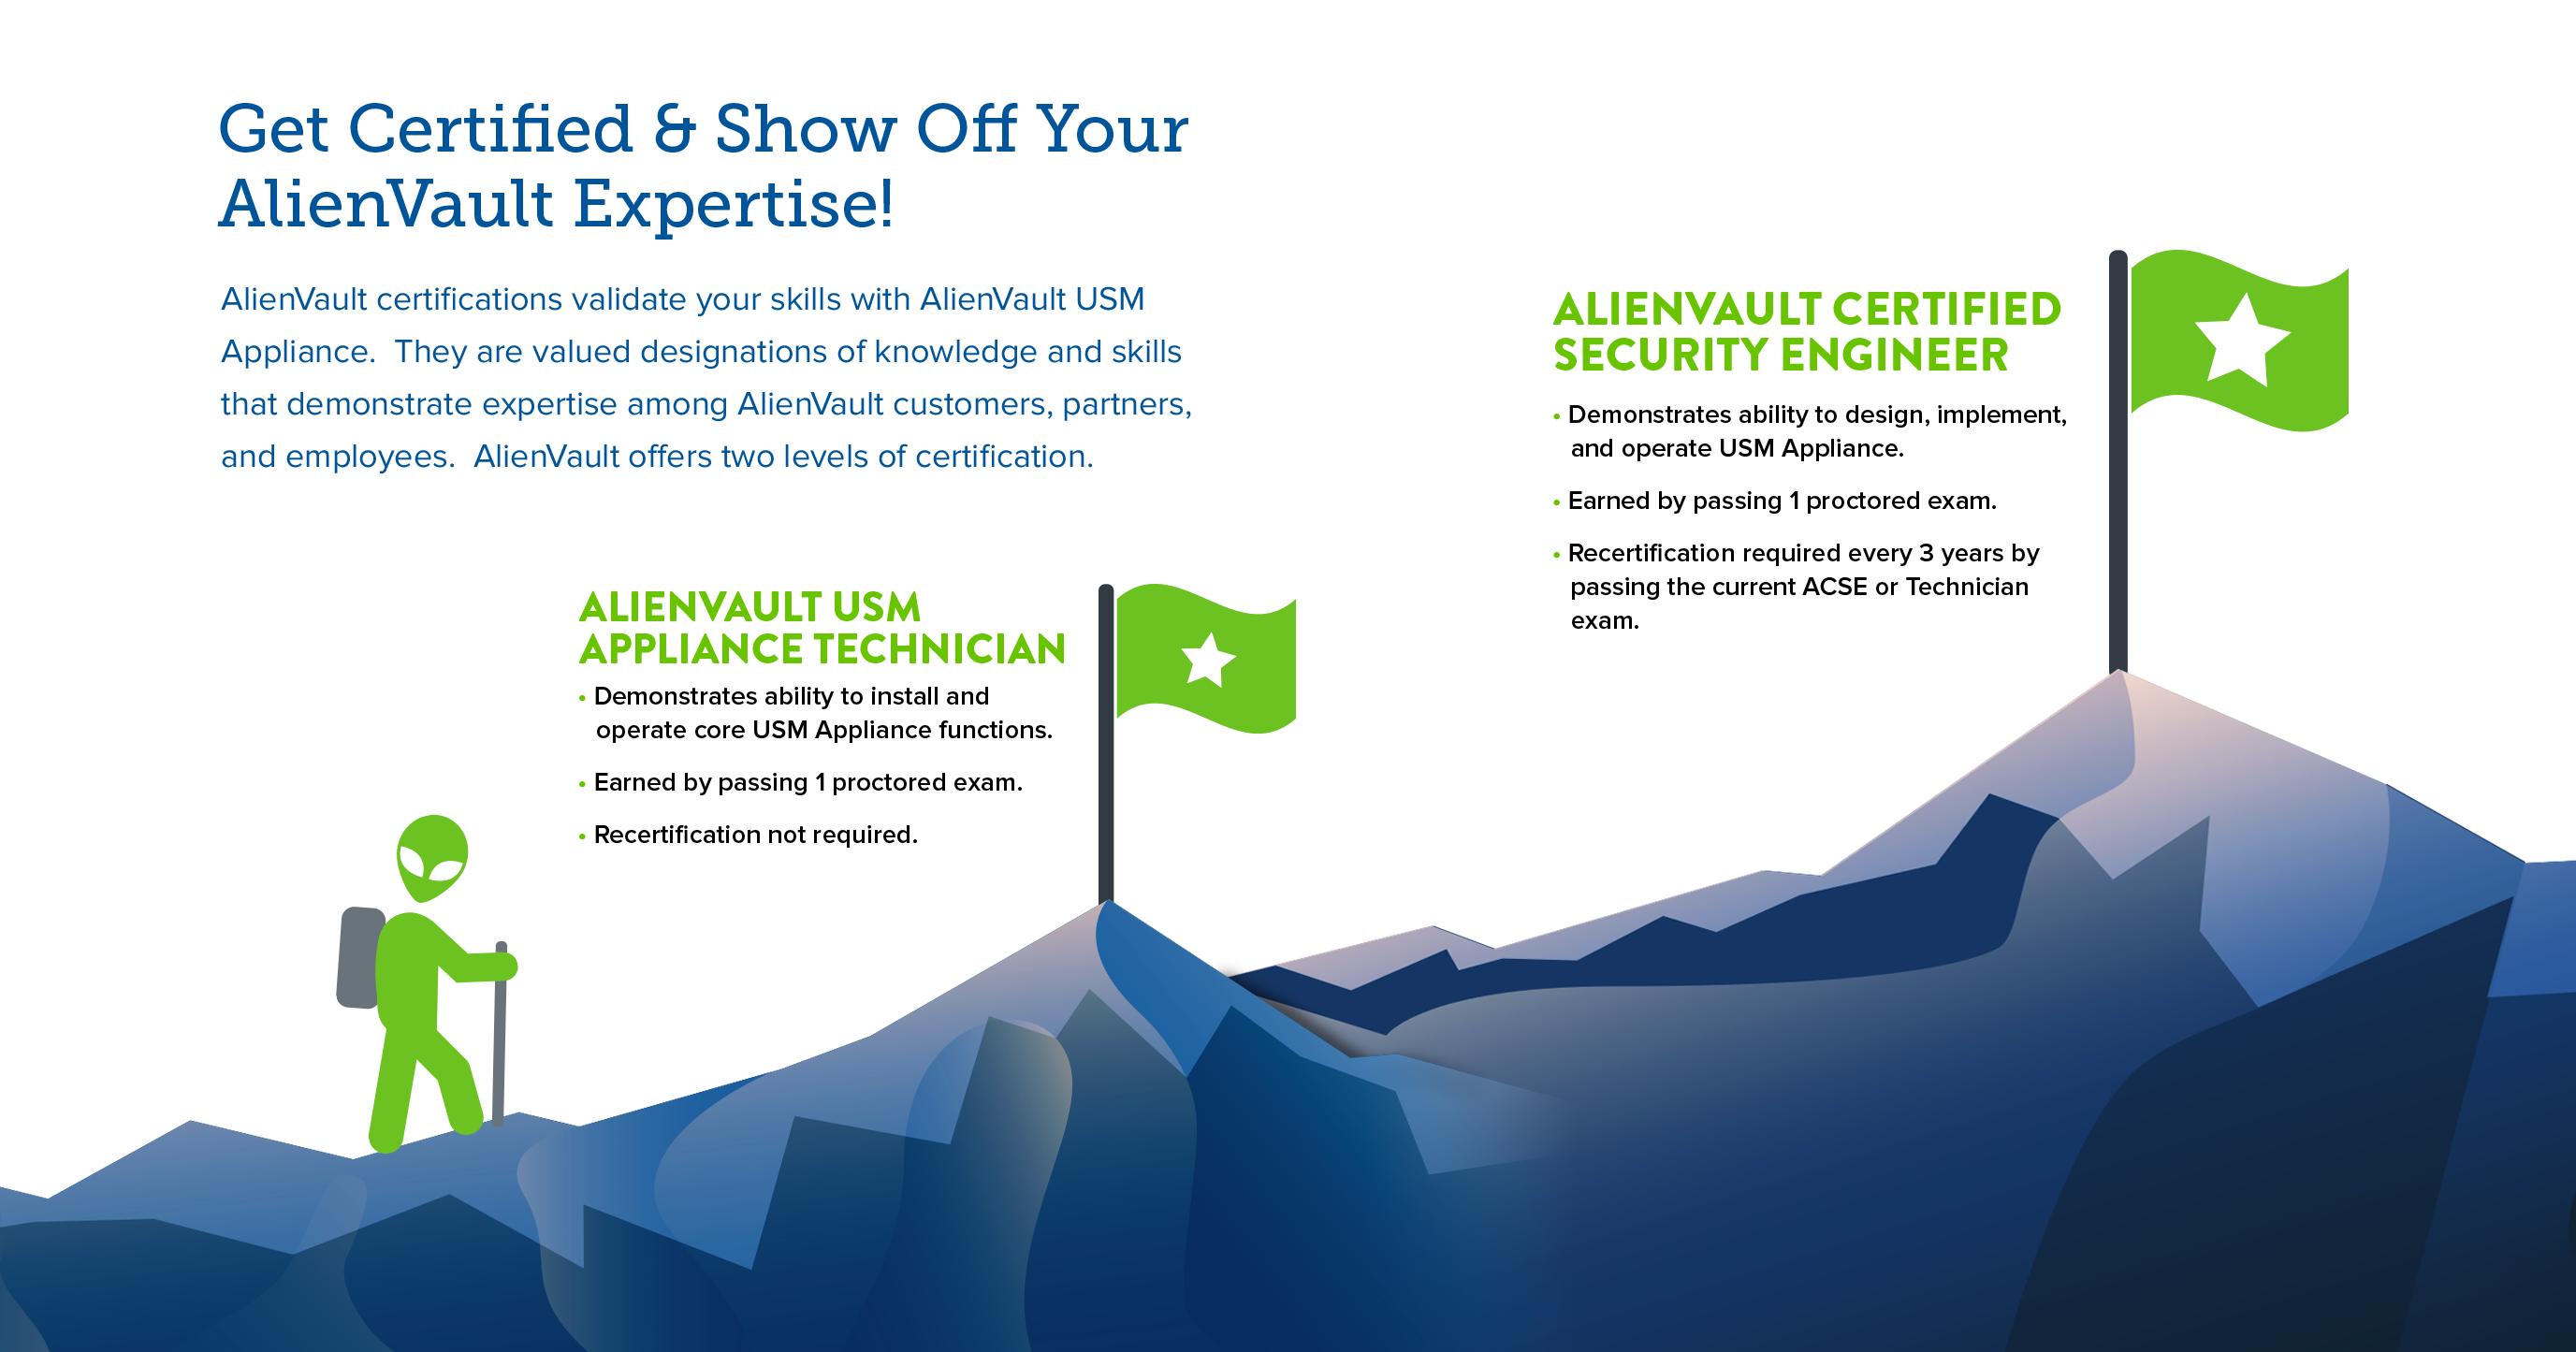 alienvault certification